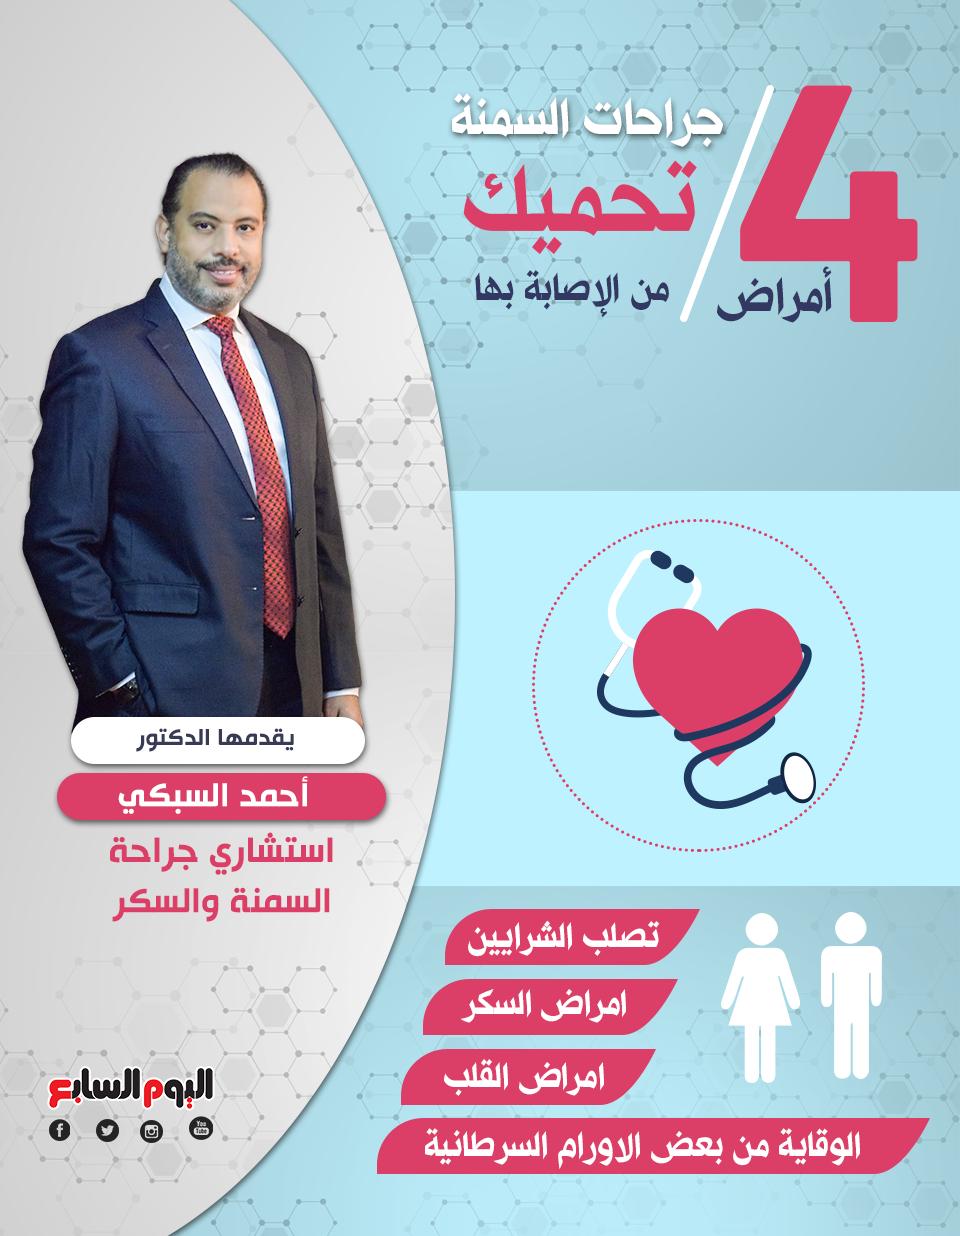 1 أمراض جراحات السمنةتحميك من الإصابة بها